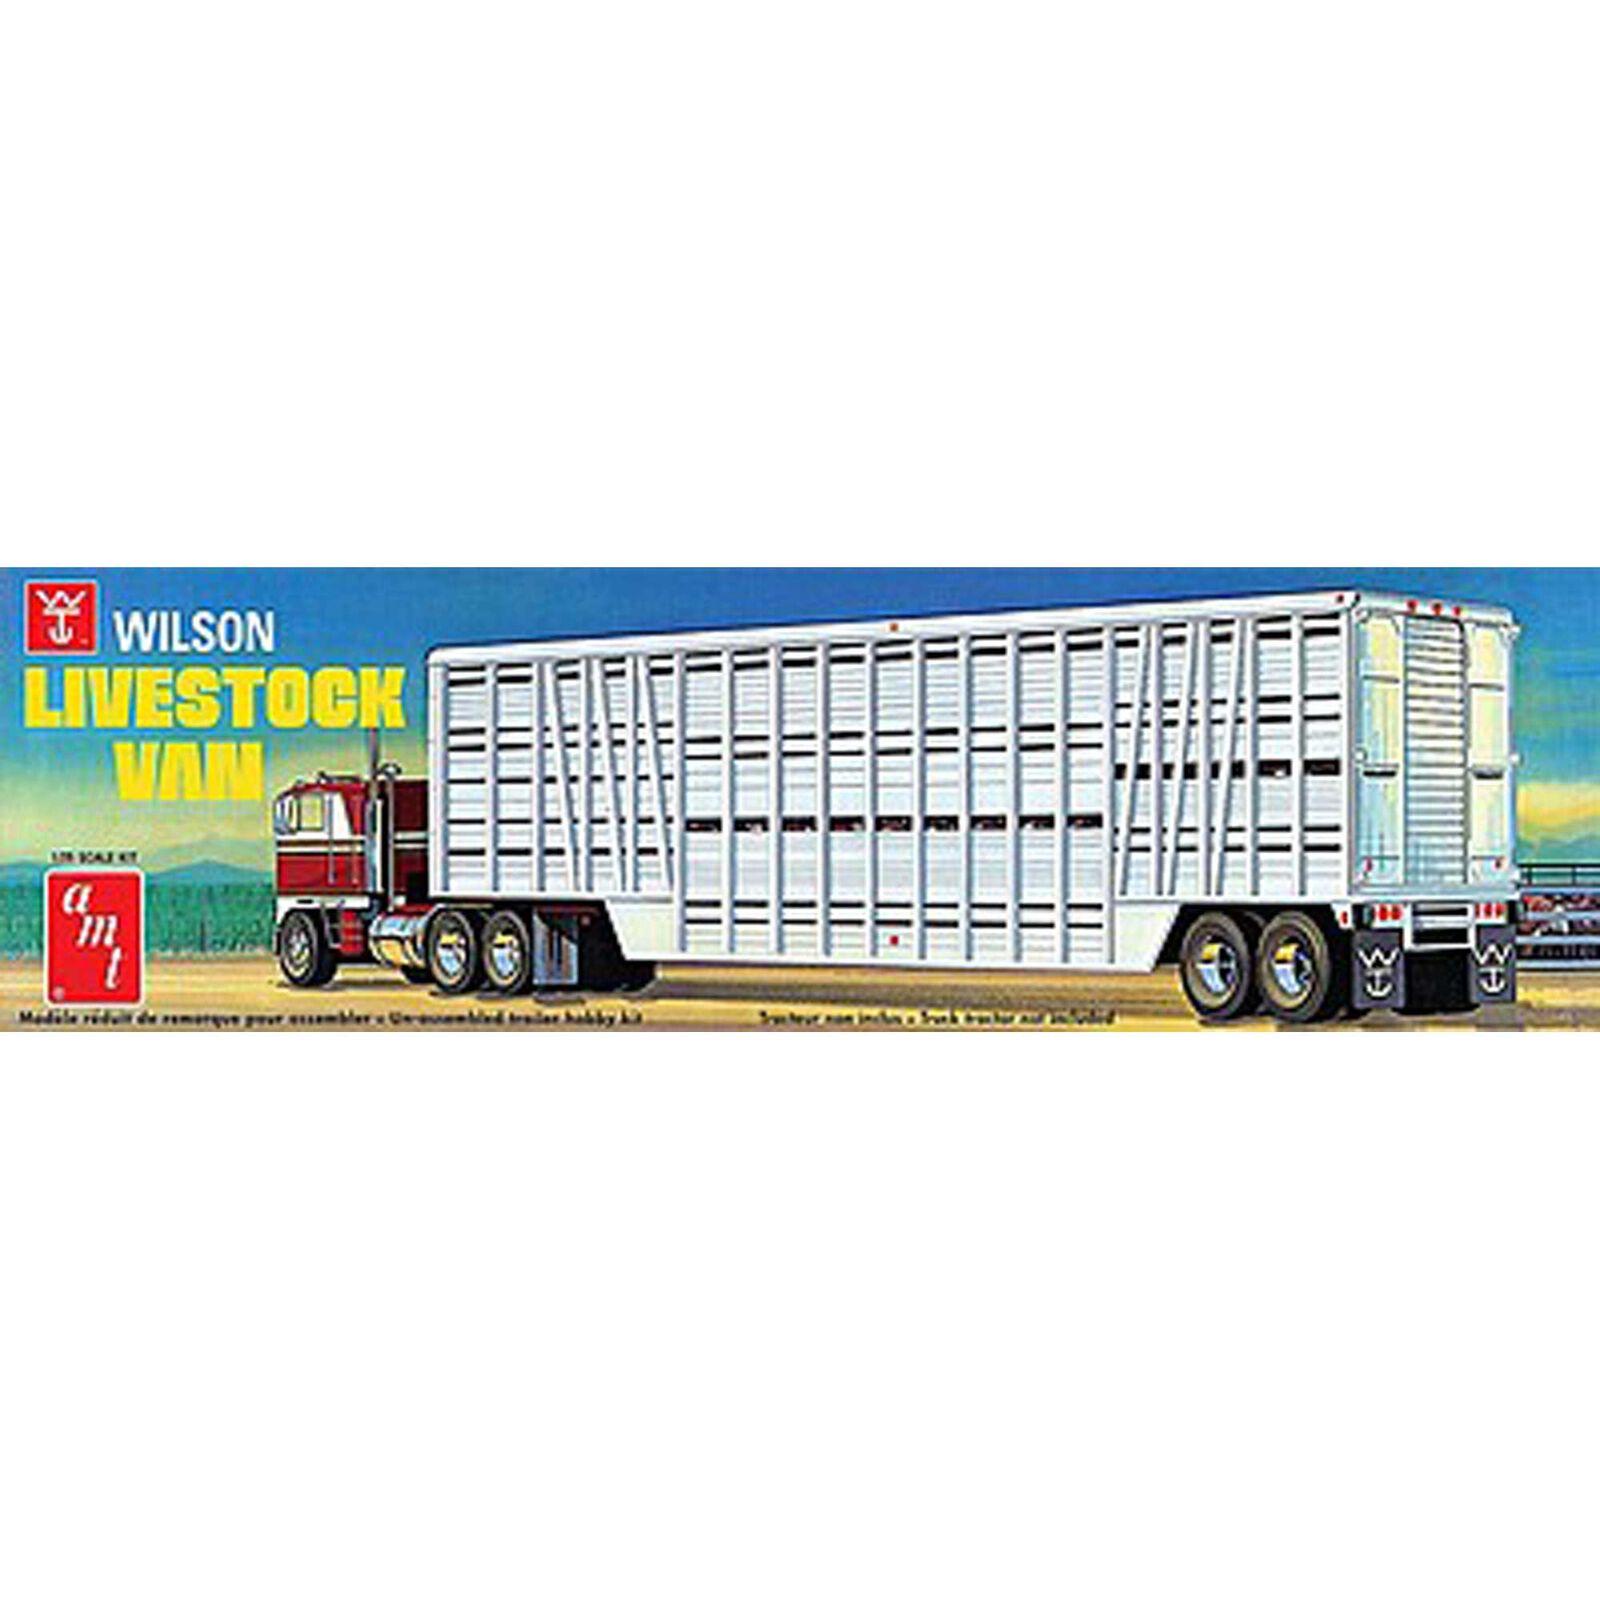 1/25 Wilson Livestock Van Trailer, Model Kit